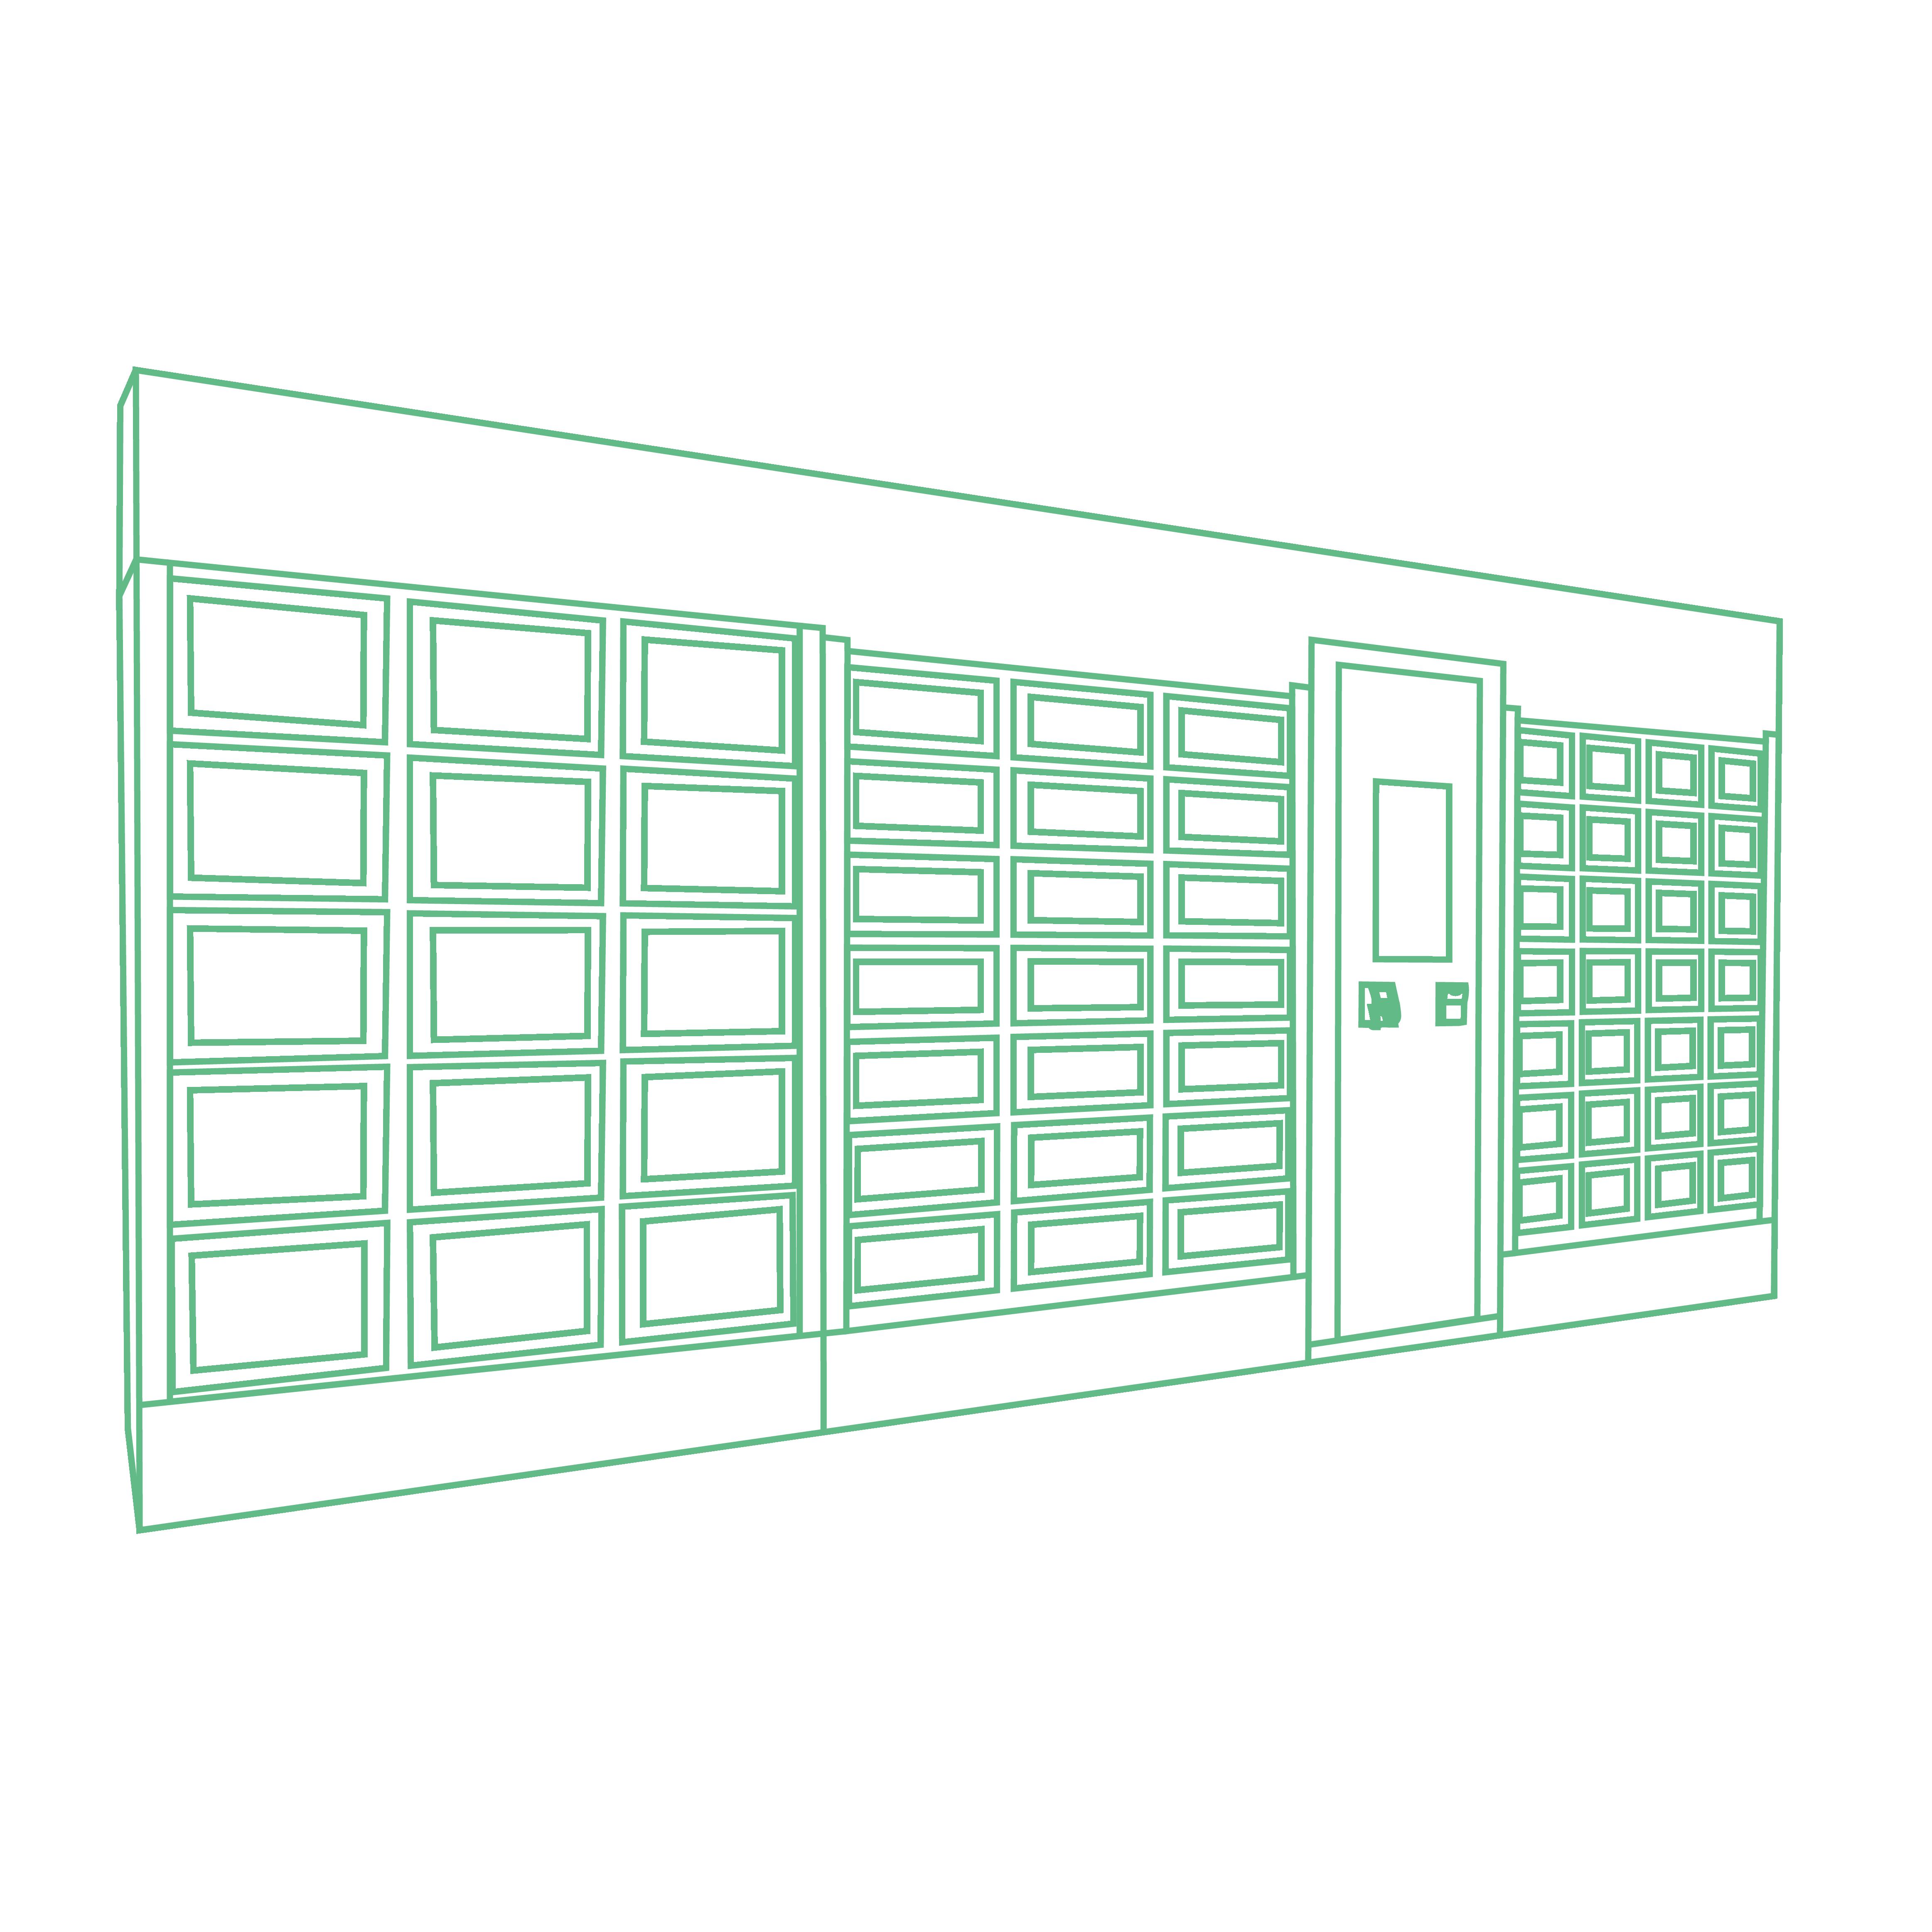 Personalización mediante una cobertura completa de una máquina expendedora Le Casier Français